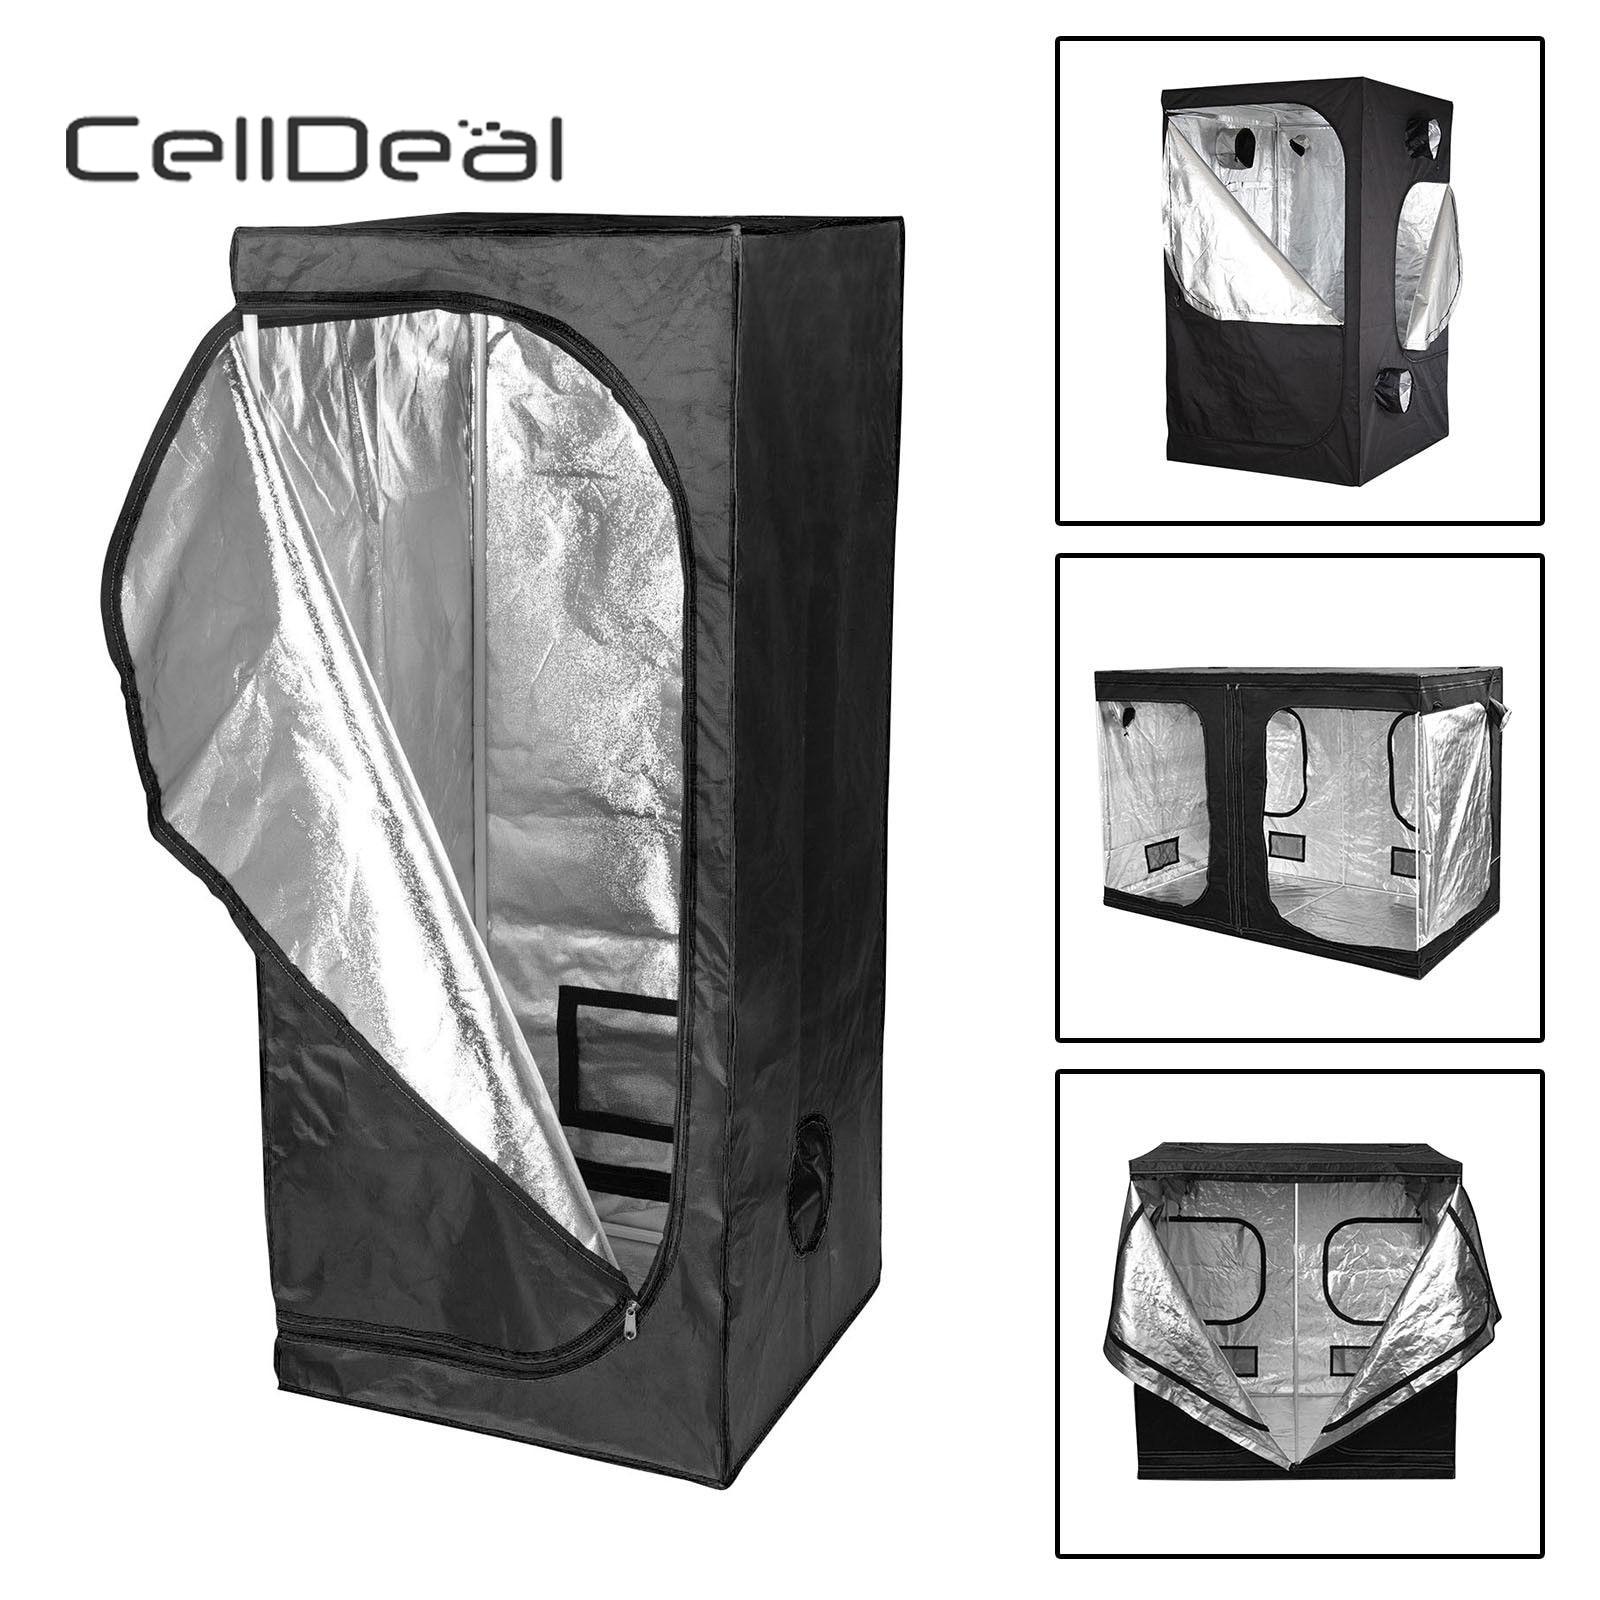 CellDeal wysokiej jakości rosną namiot srebrny Mylar kryty Bud Box hydroponika ciemne pomieszczenie rozmiary rosną namiot Oxford tkaniny hydroponicznych rosną namiot